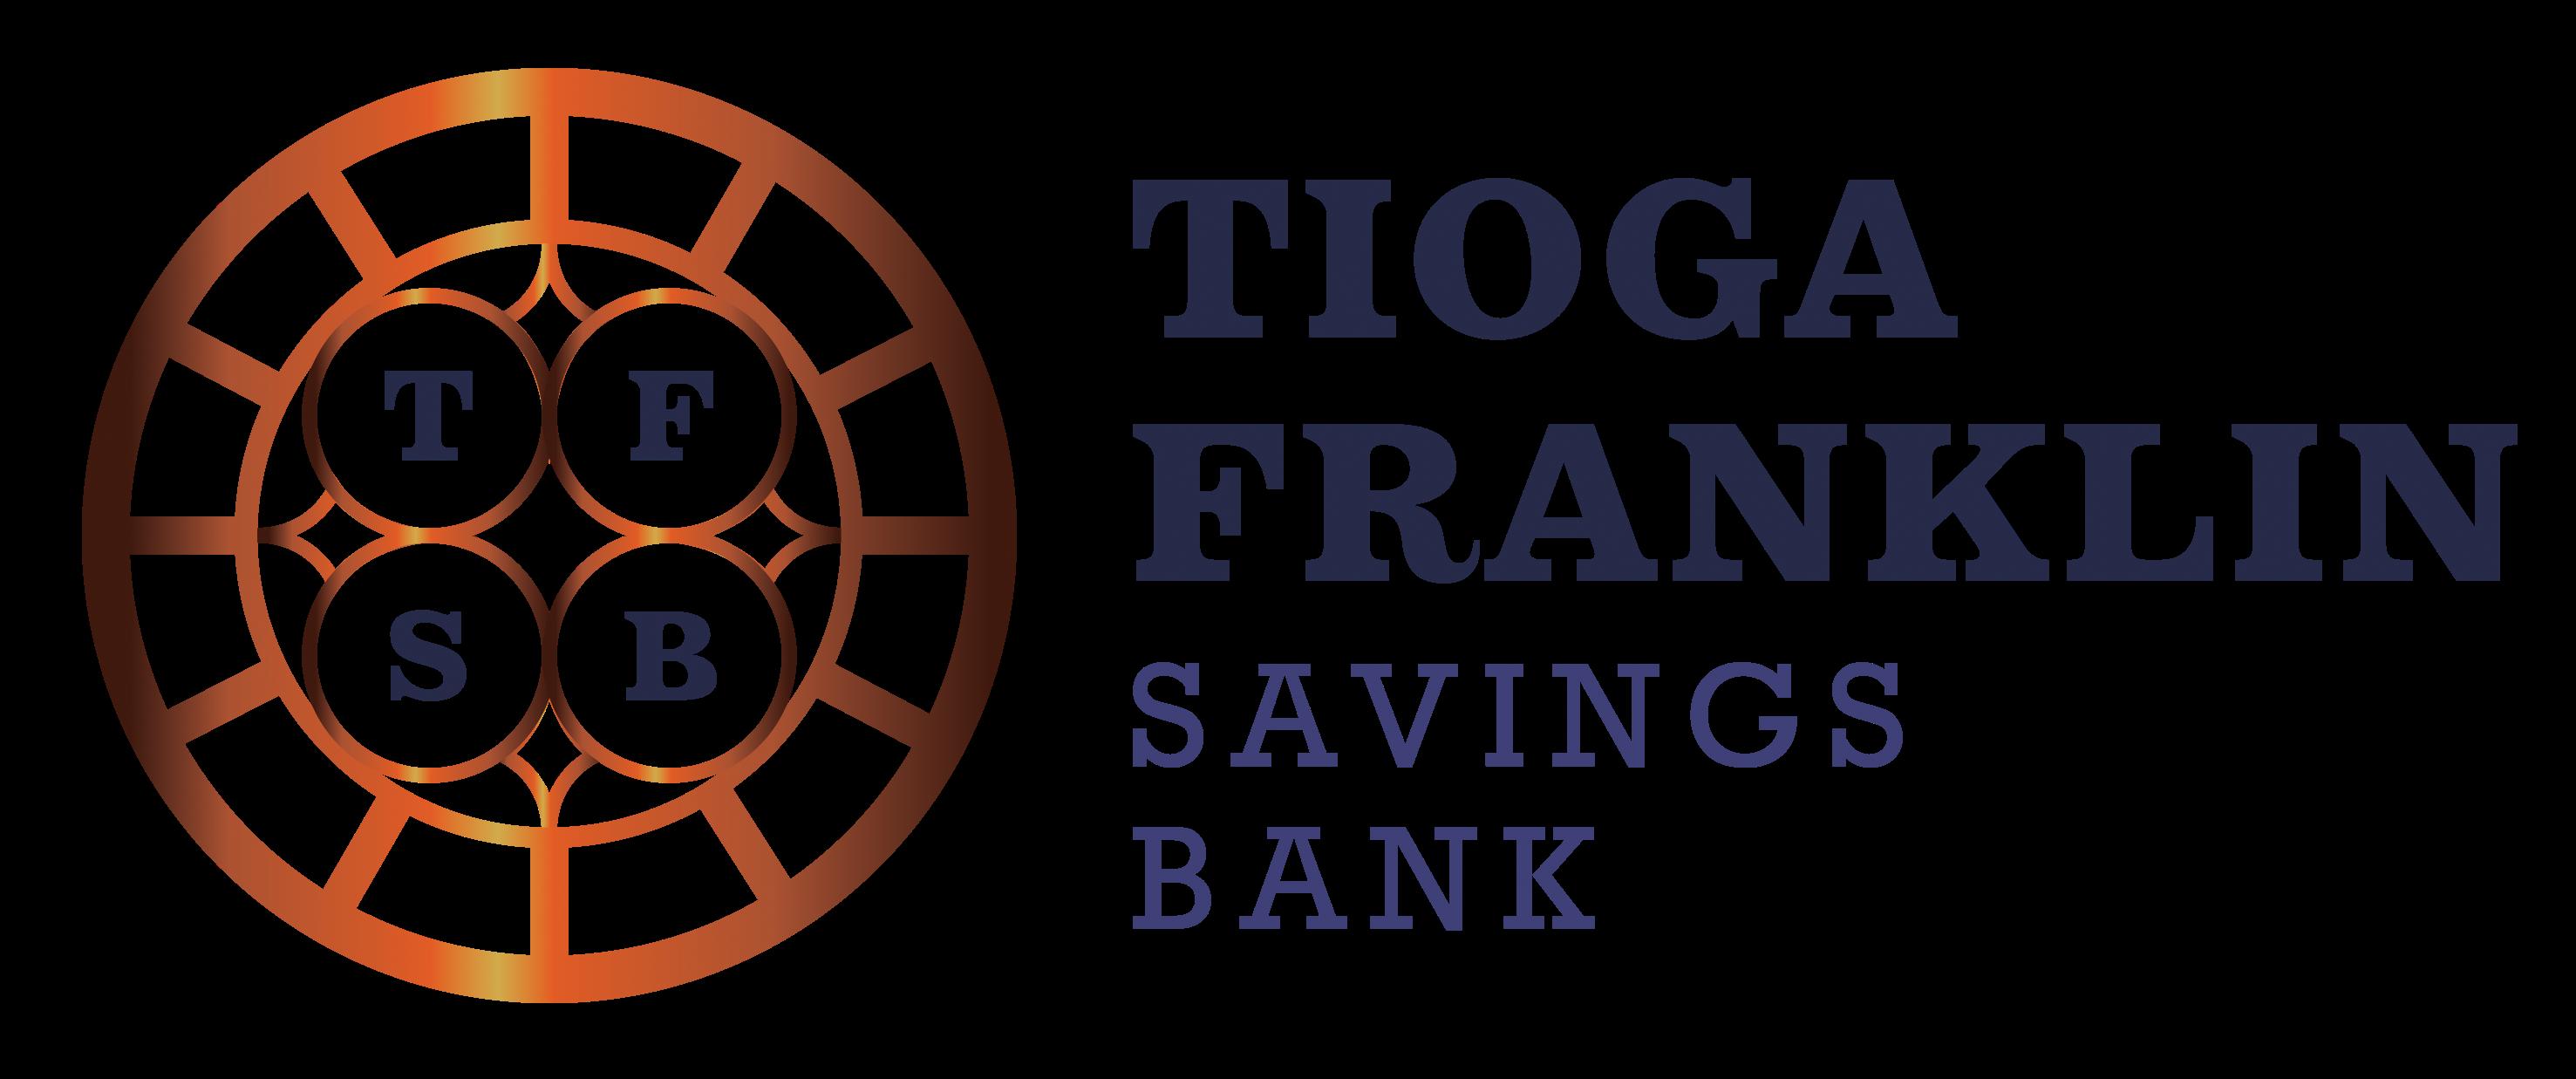 Tioga-Franklin Savings Bank